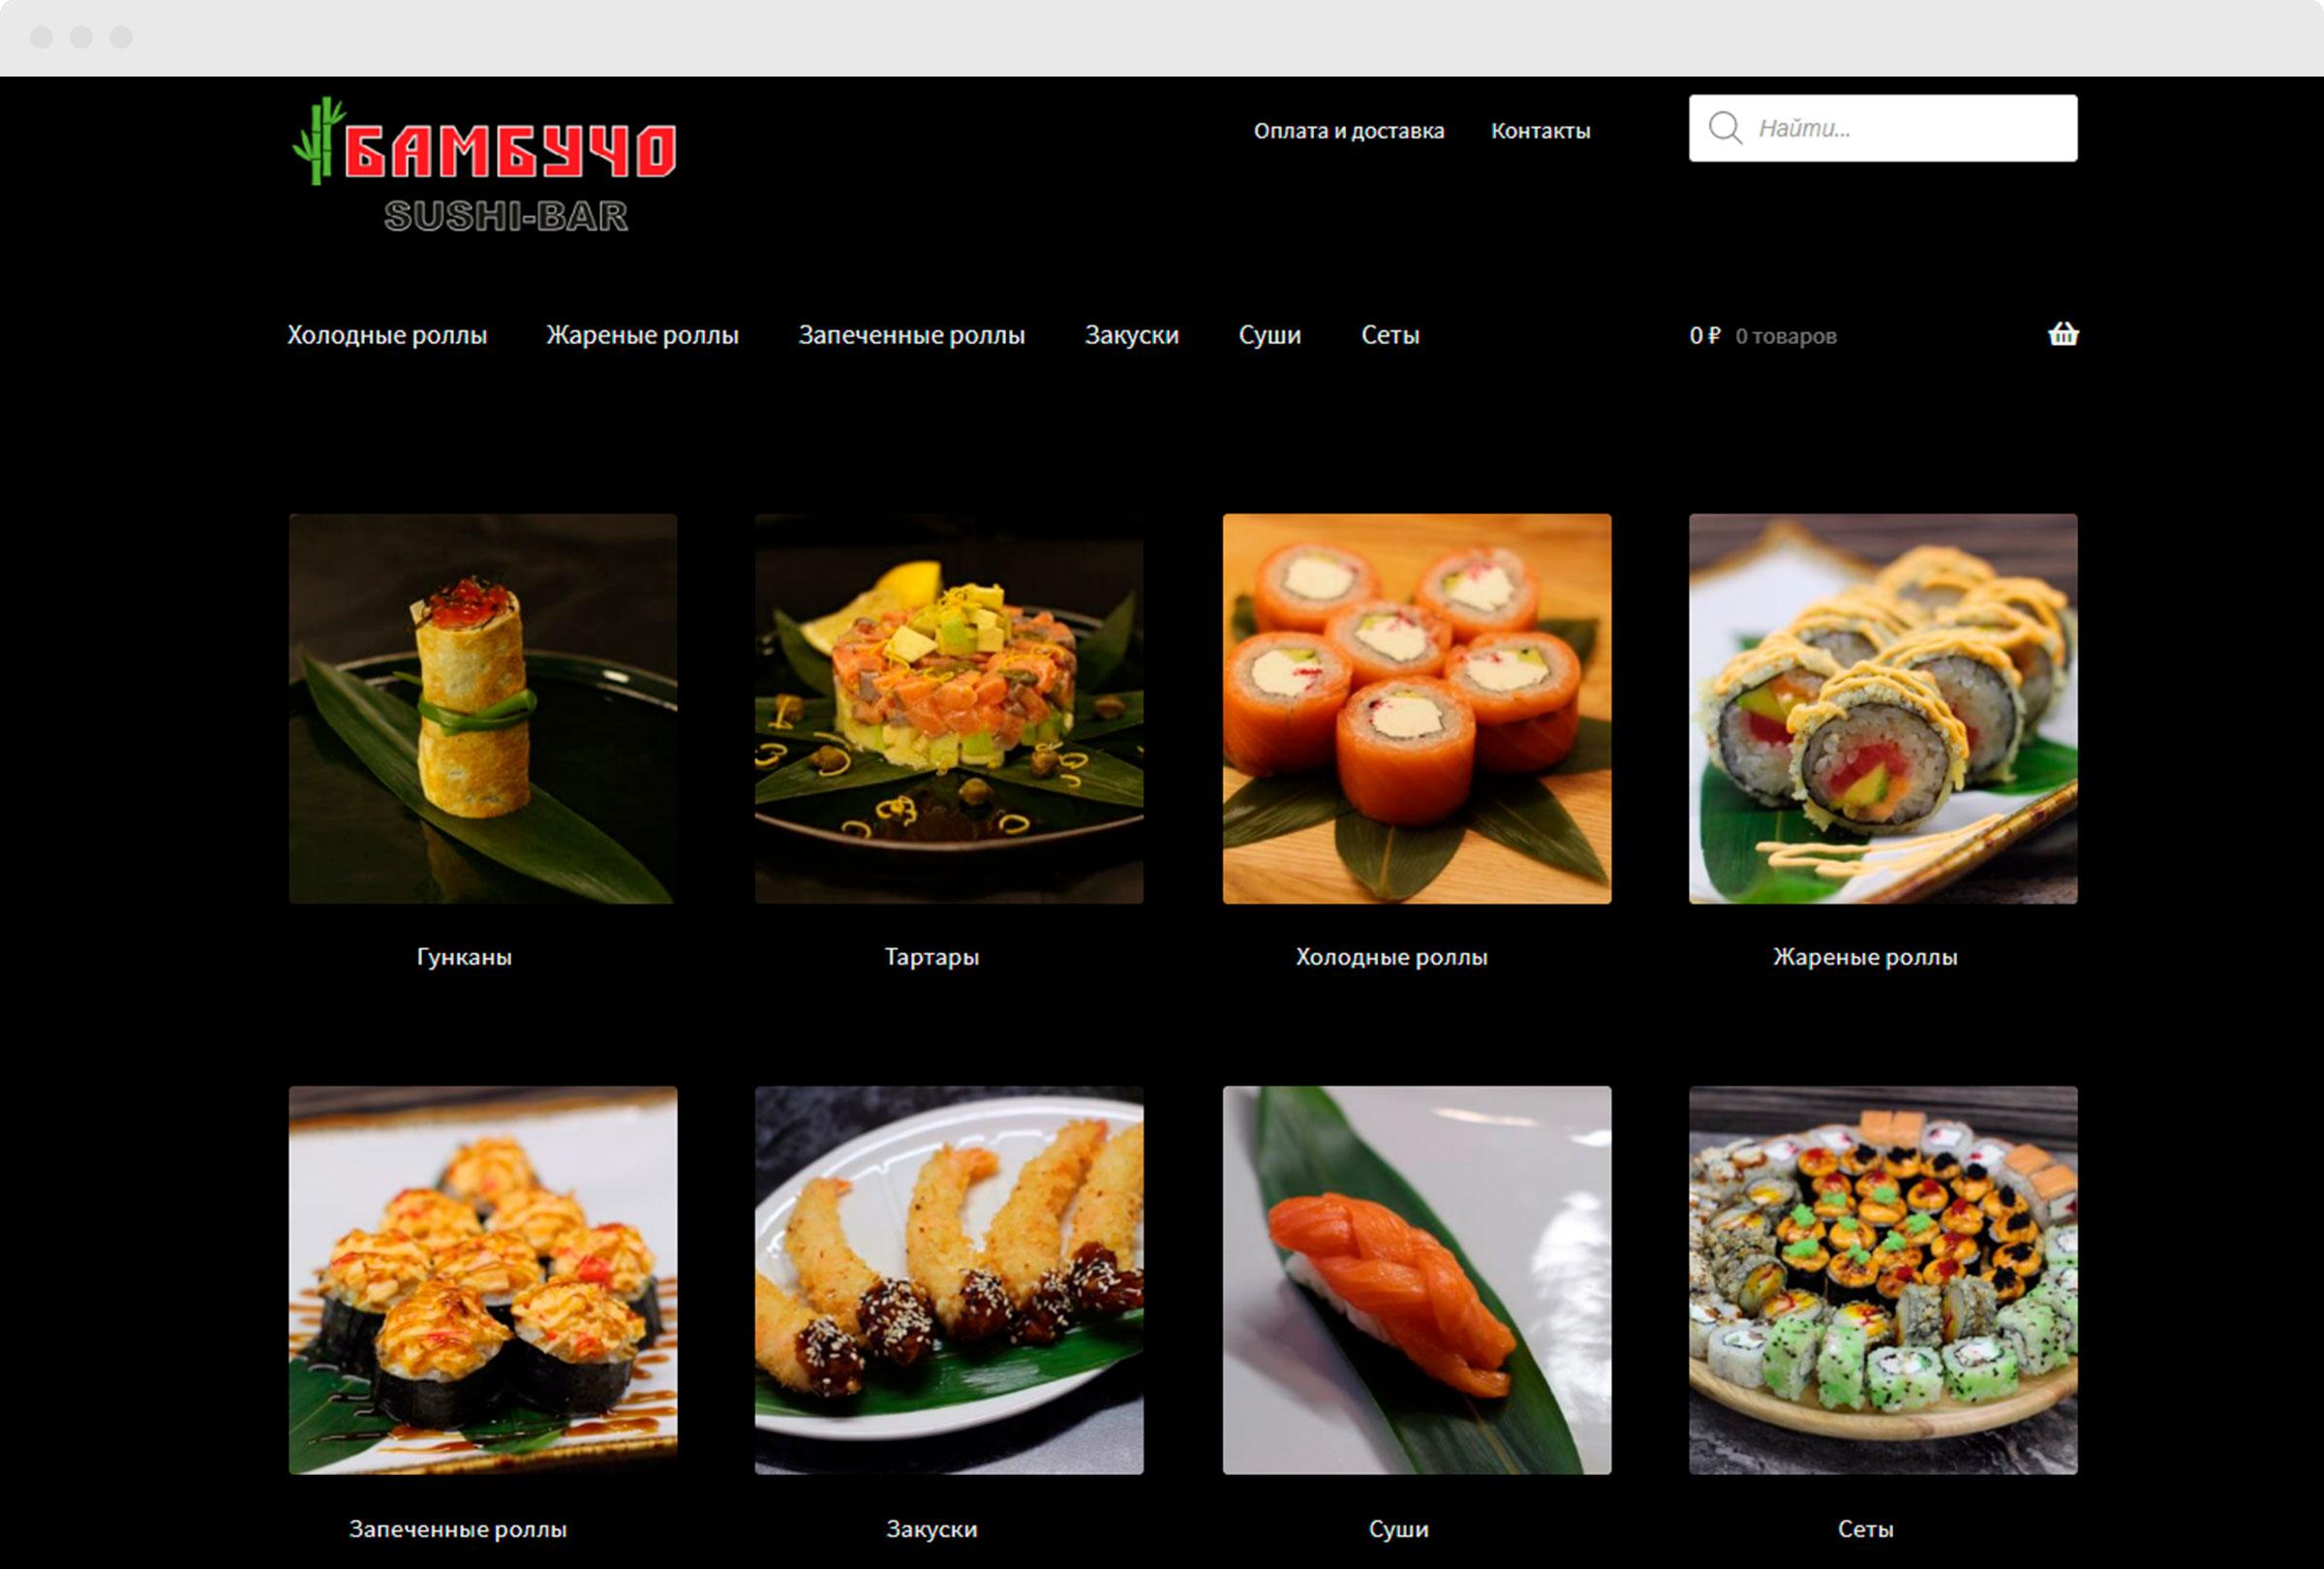 Сайт суши-бара «Бамбучо»